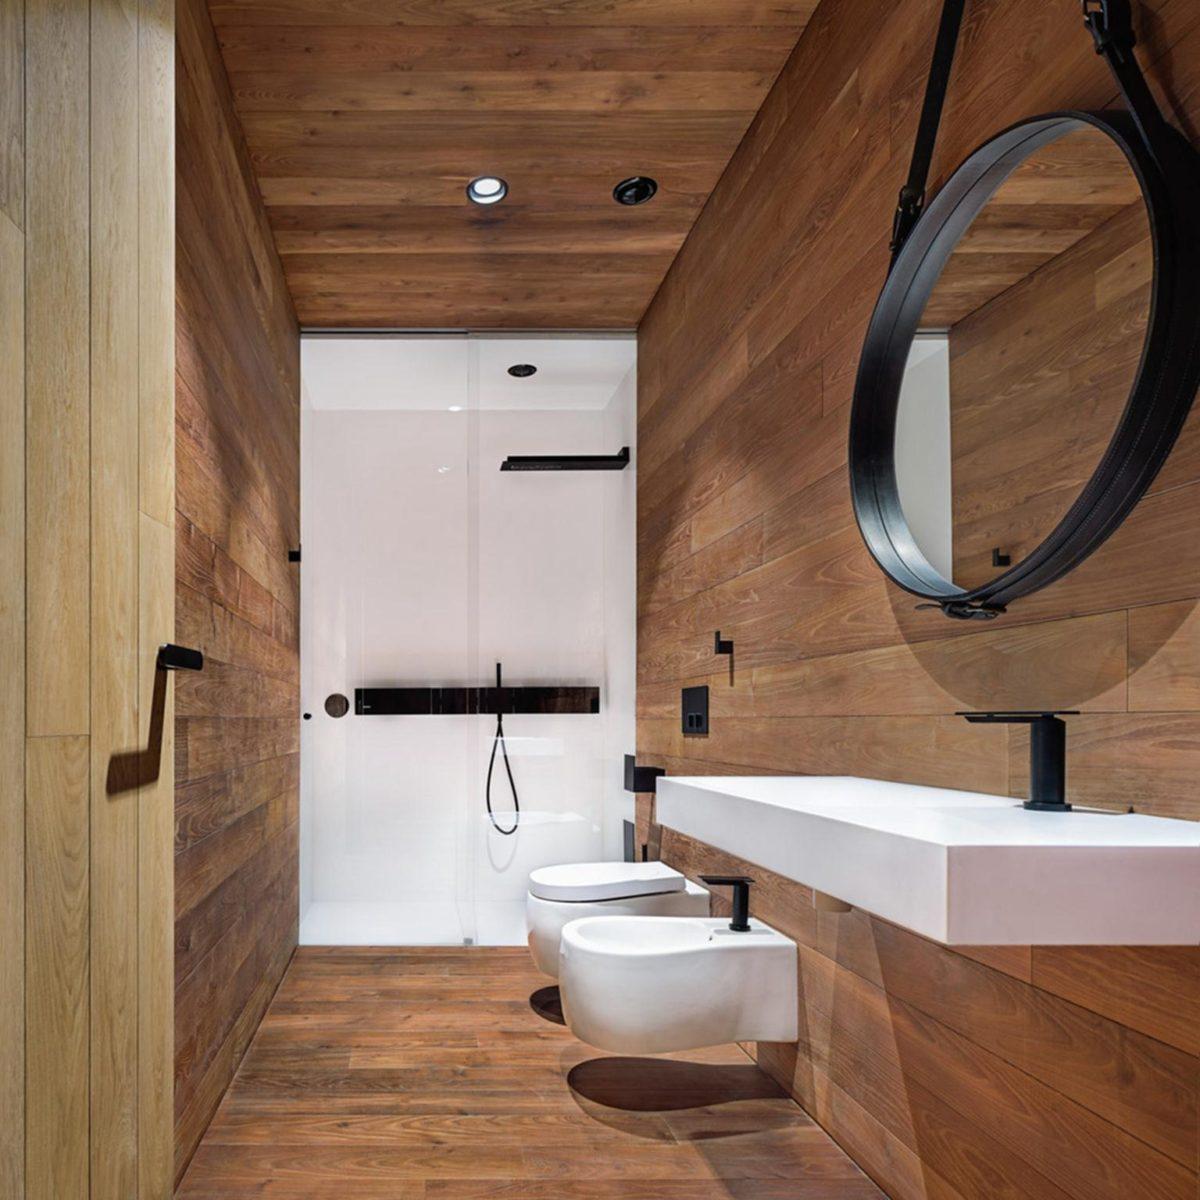 Thiết kế biệt thự view 360 độ độc đáo và ấn tượng - 19